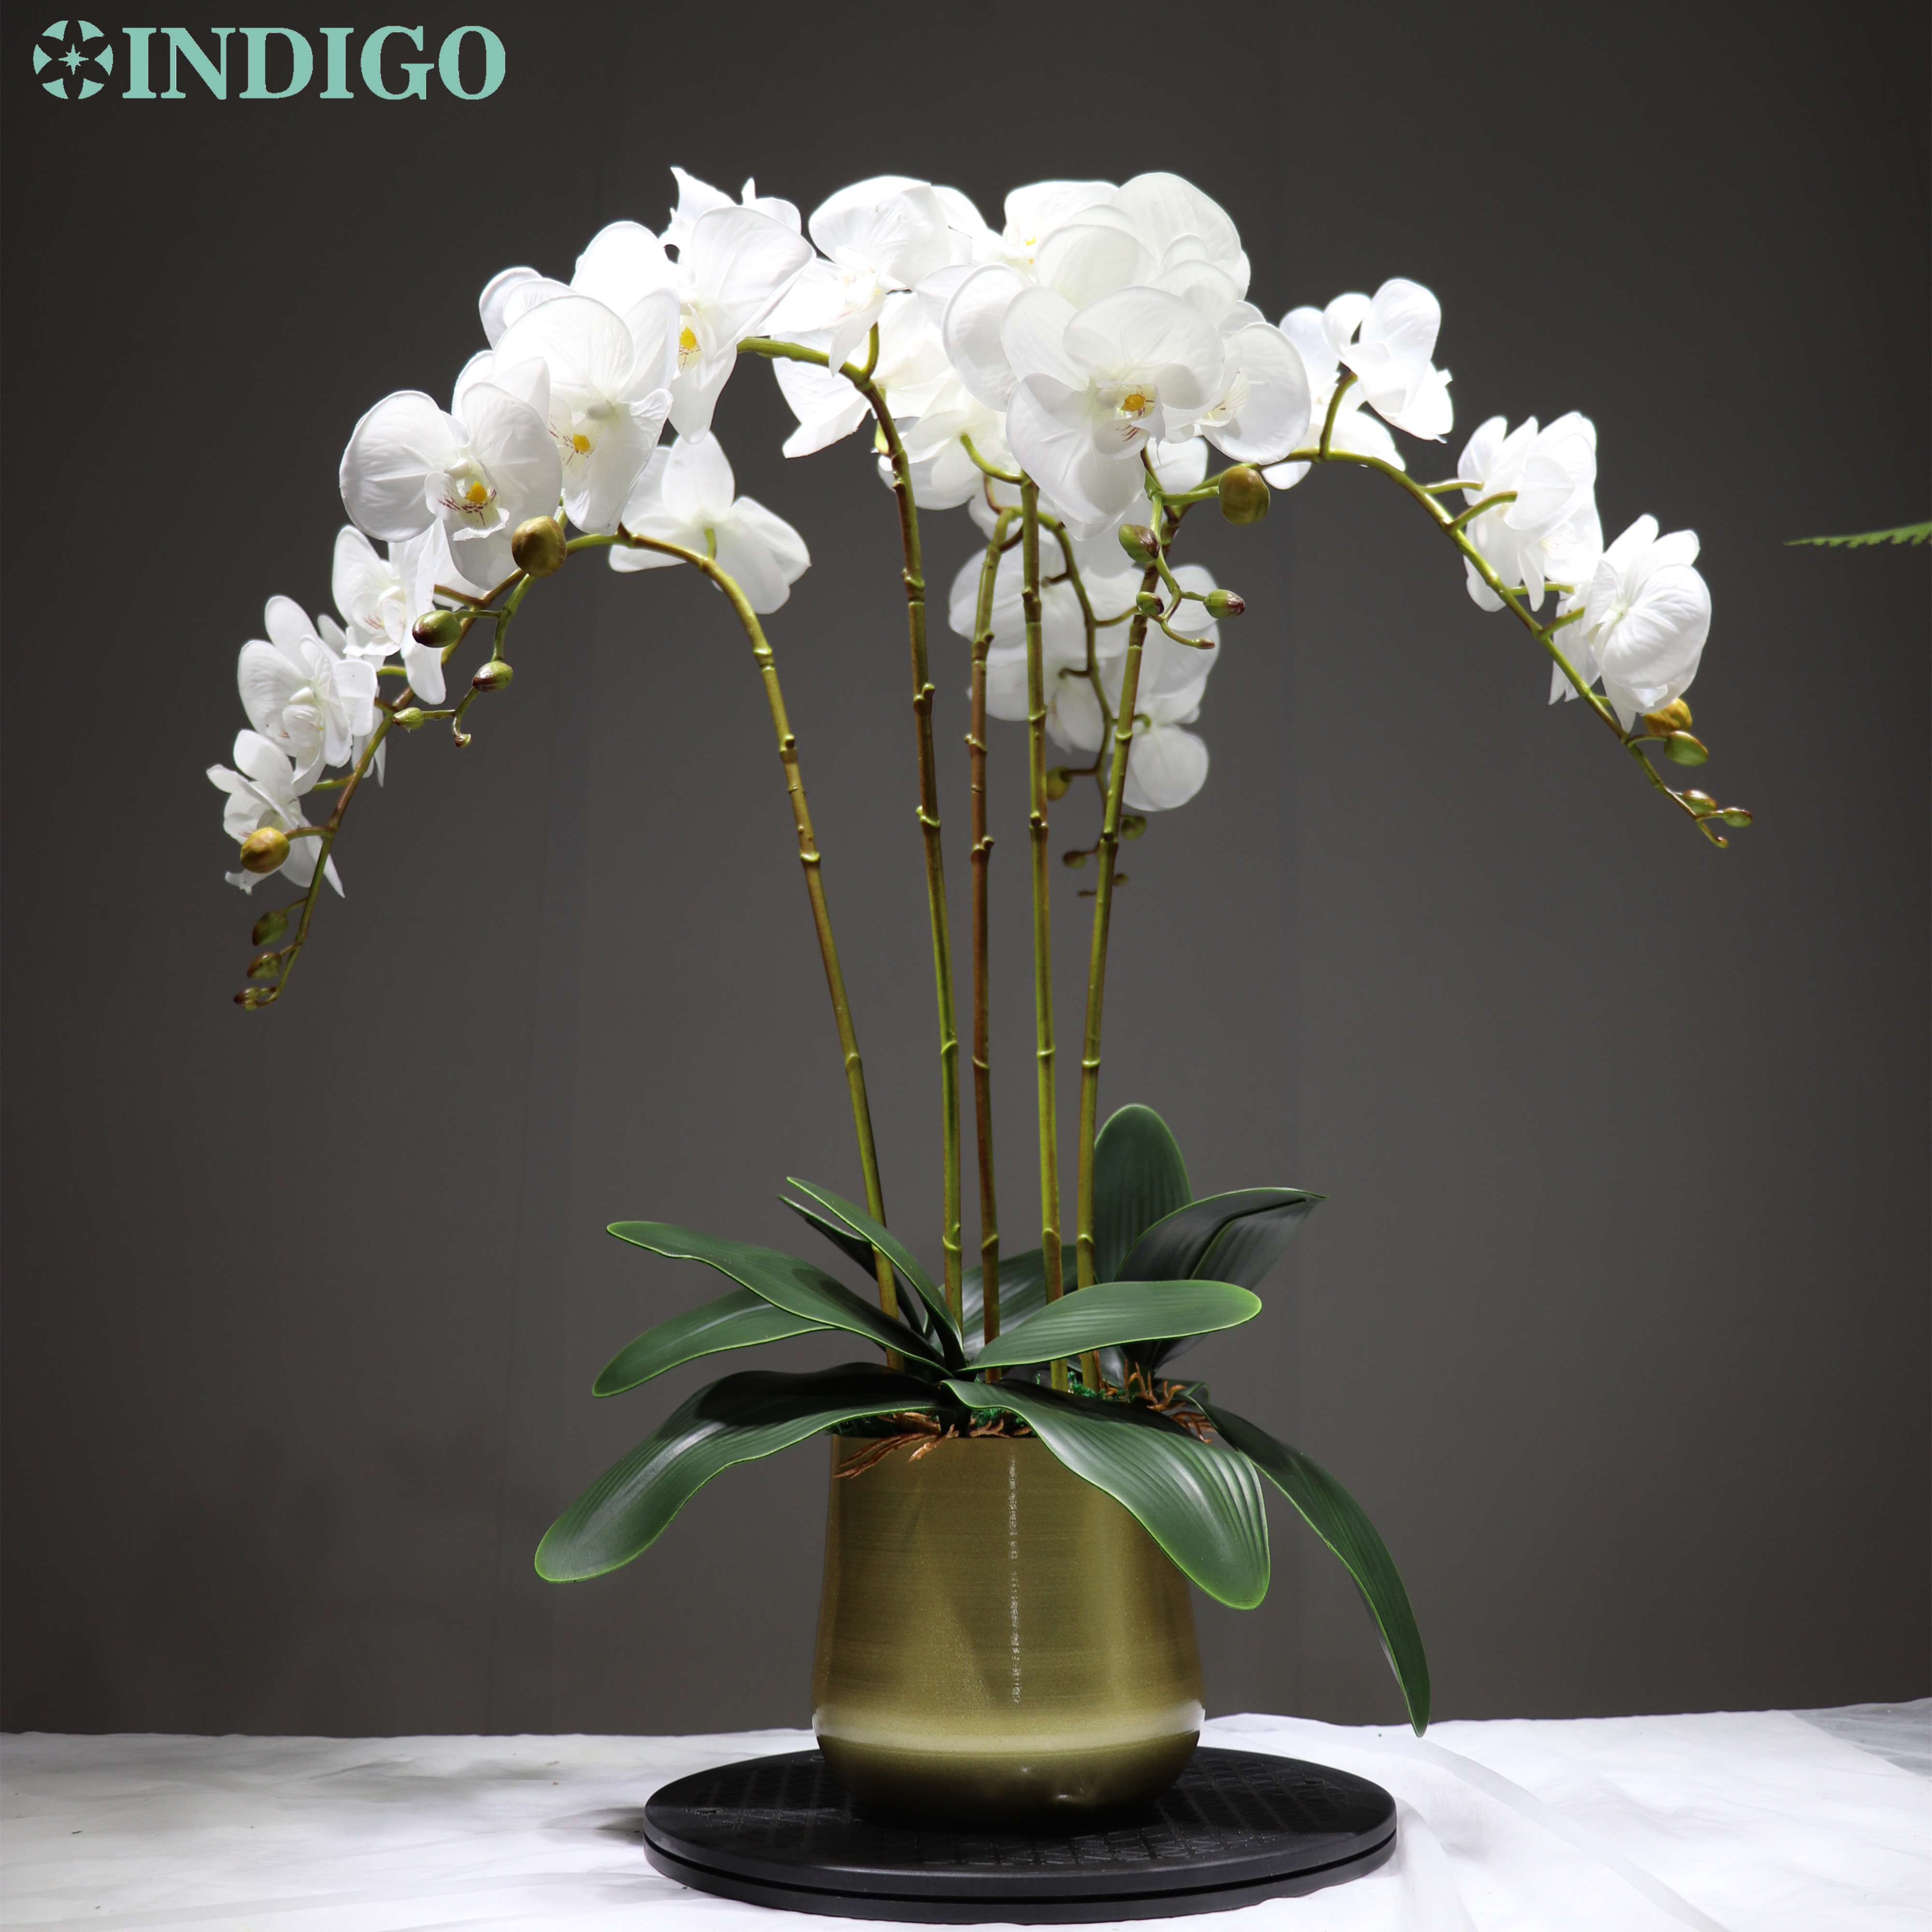 Индиго фаленопсис Орхидея настоящий сенсорный цветок белый искусственный цветок свадебный цветок орхидеи, цветочный украшение для рождес...